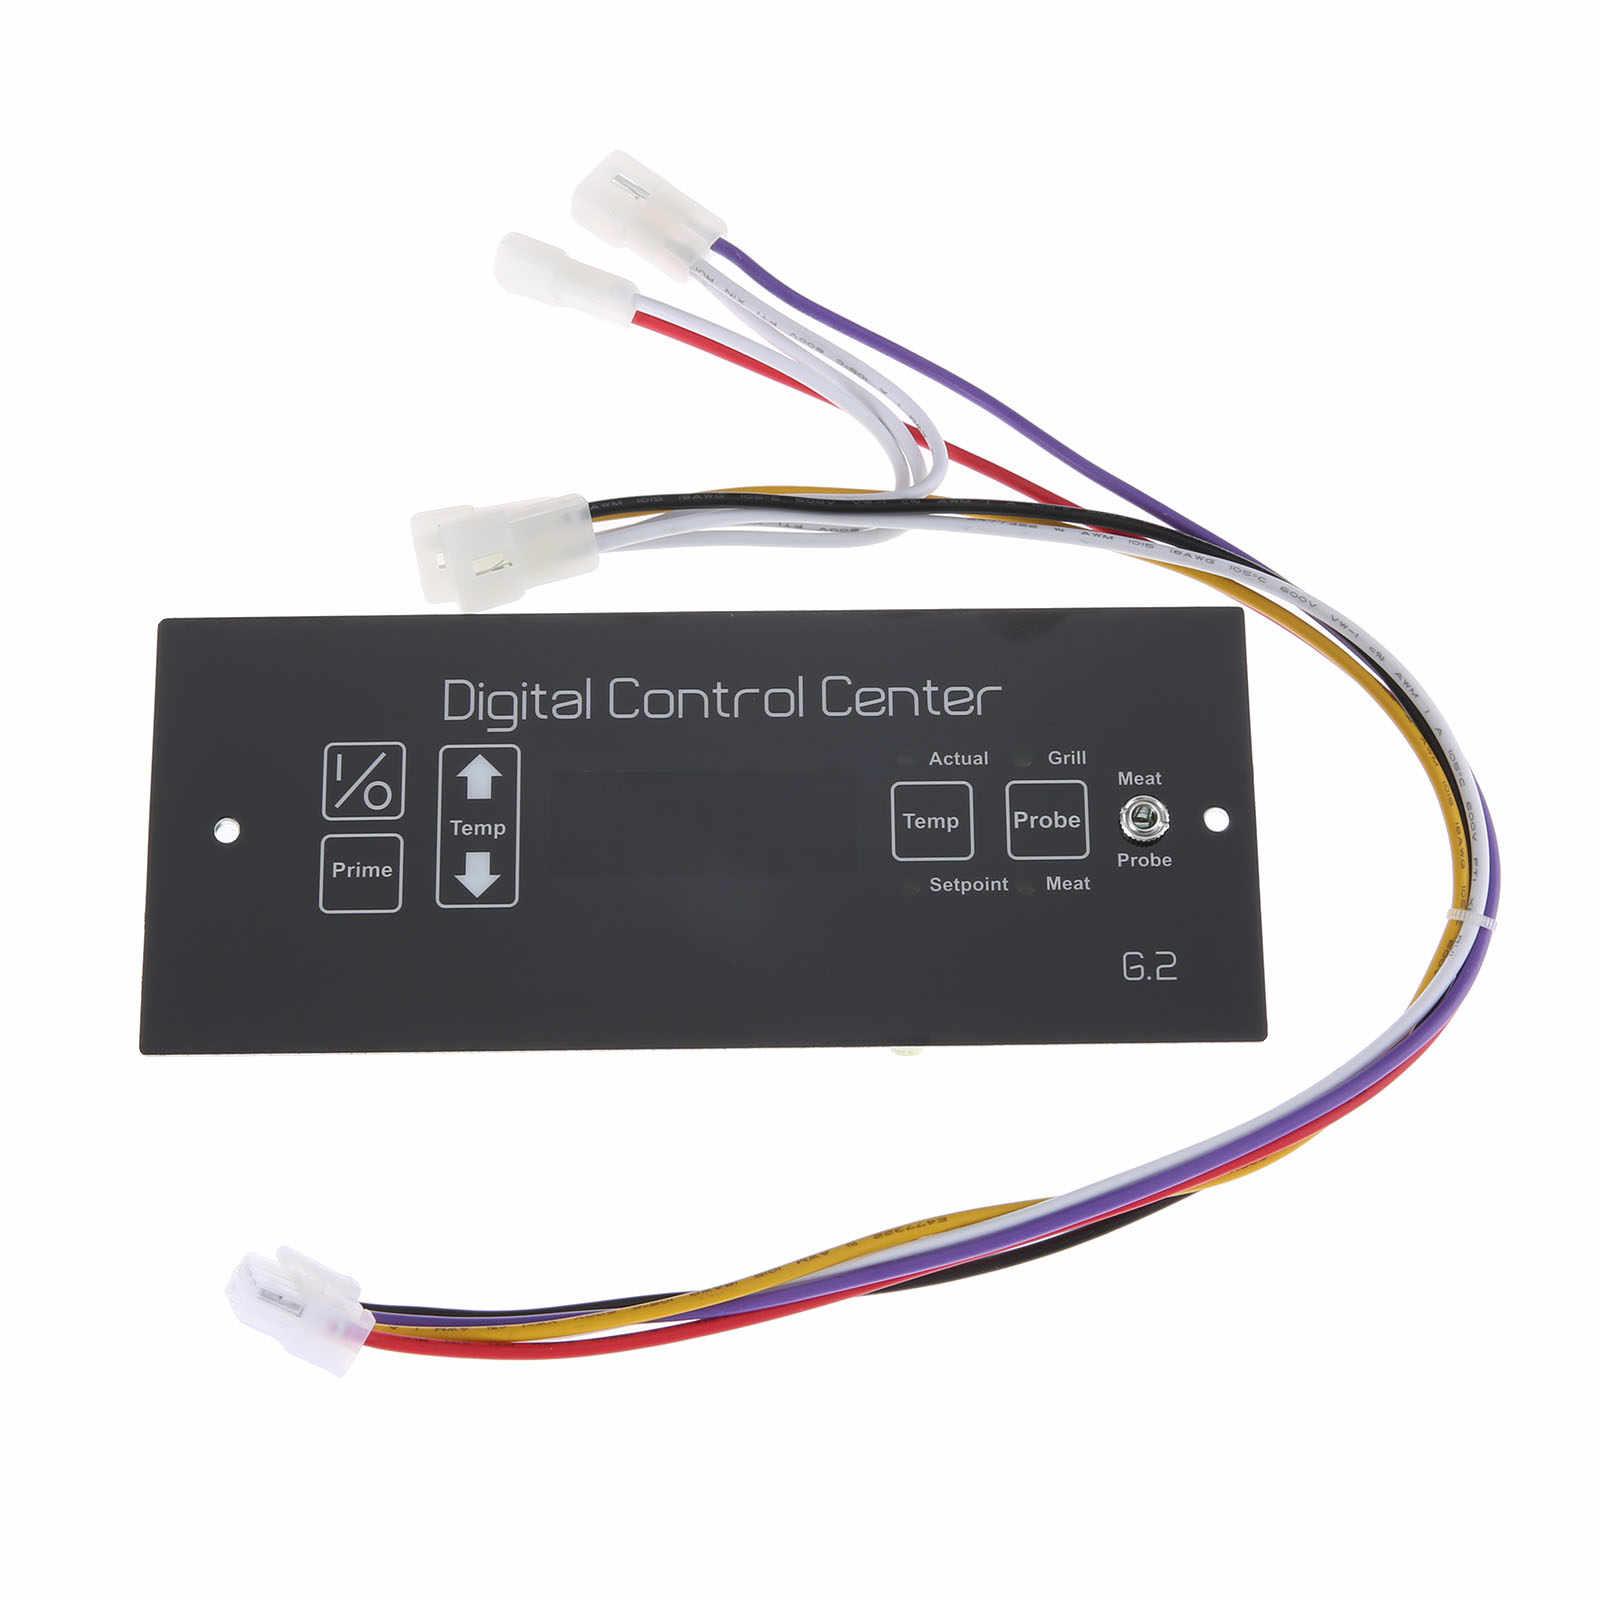 digital control board 50125 wire harness fit for louisiana wood pellet  grills ls lg16006 f/c 120v| | - aliexpress  aliexpress